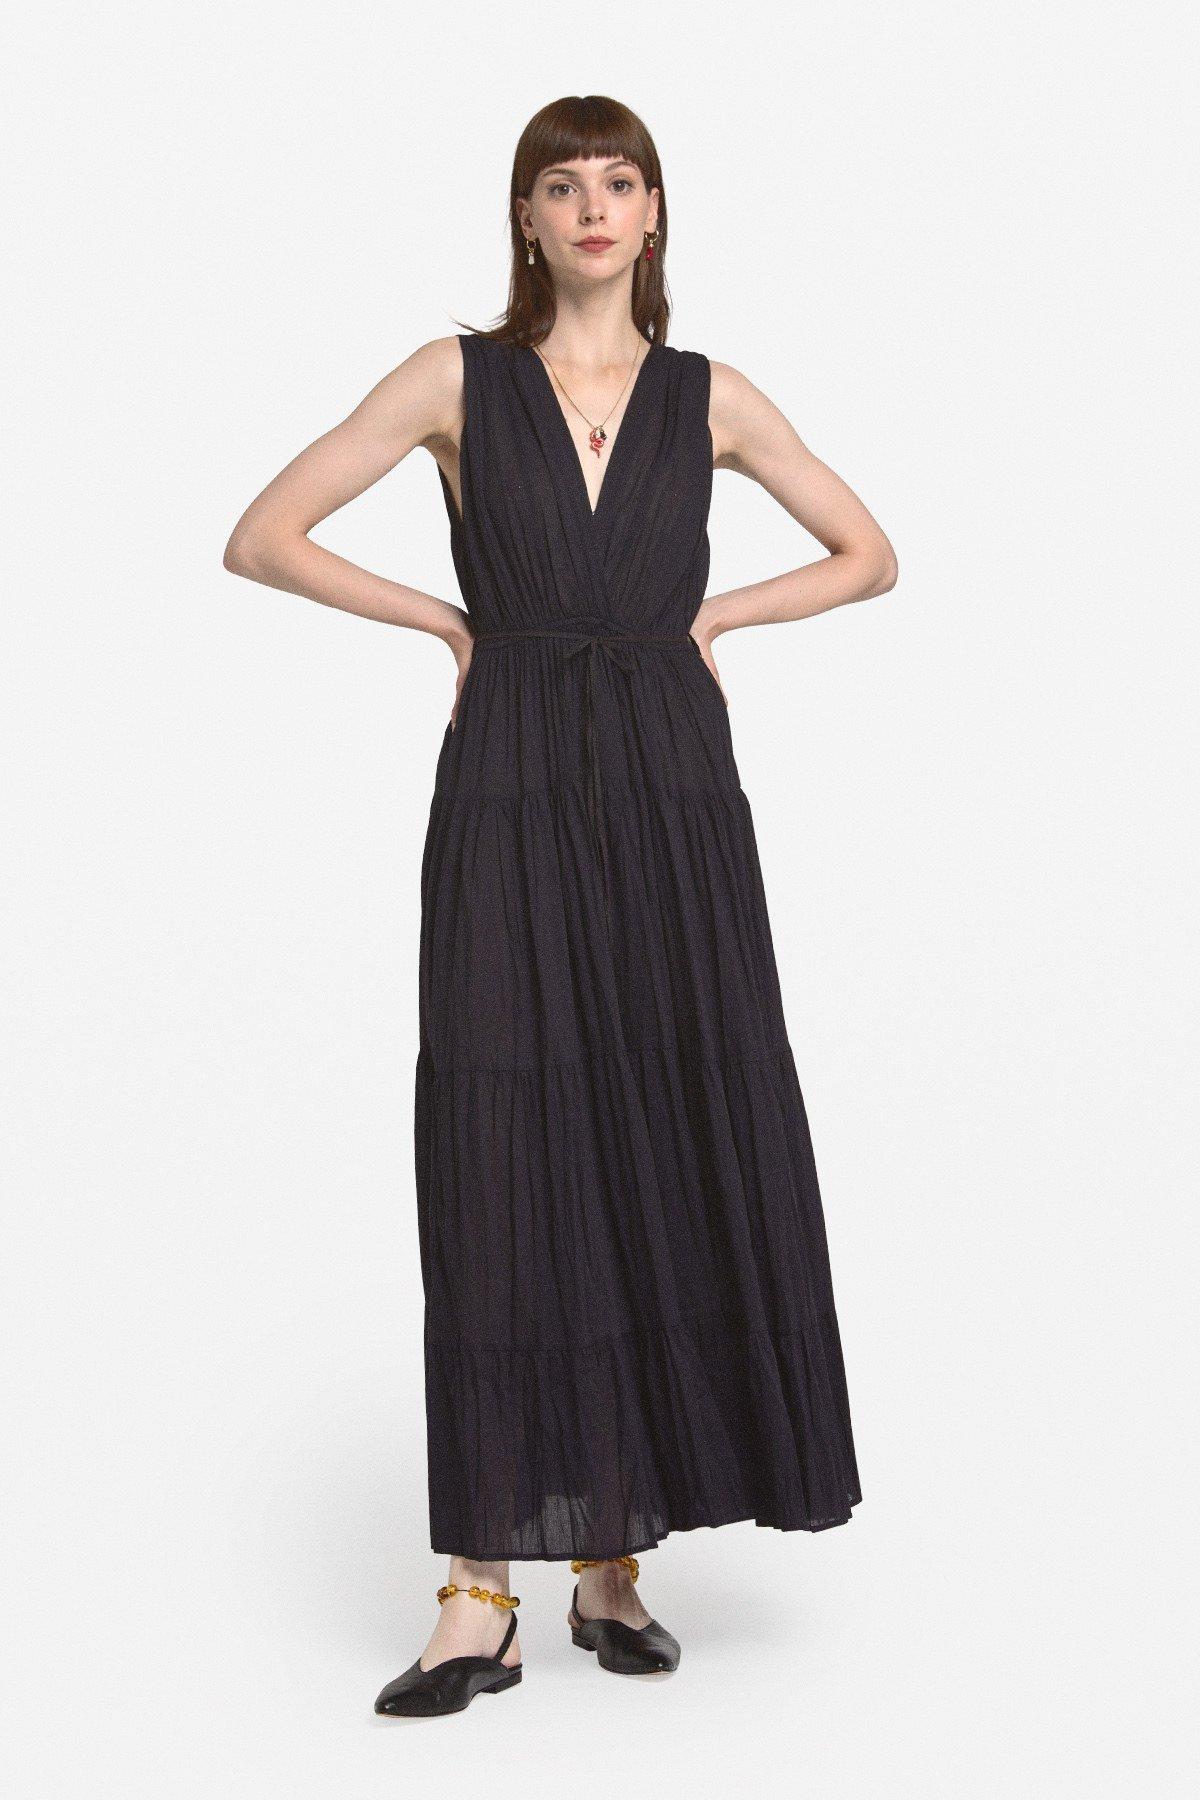 Cotton long dress with deep V neckline